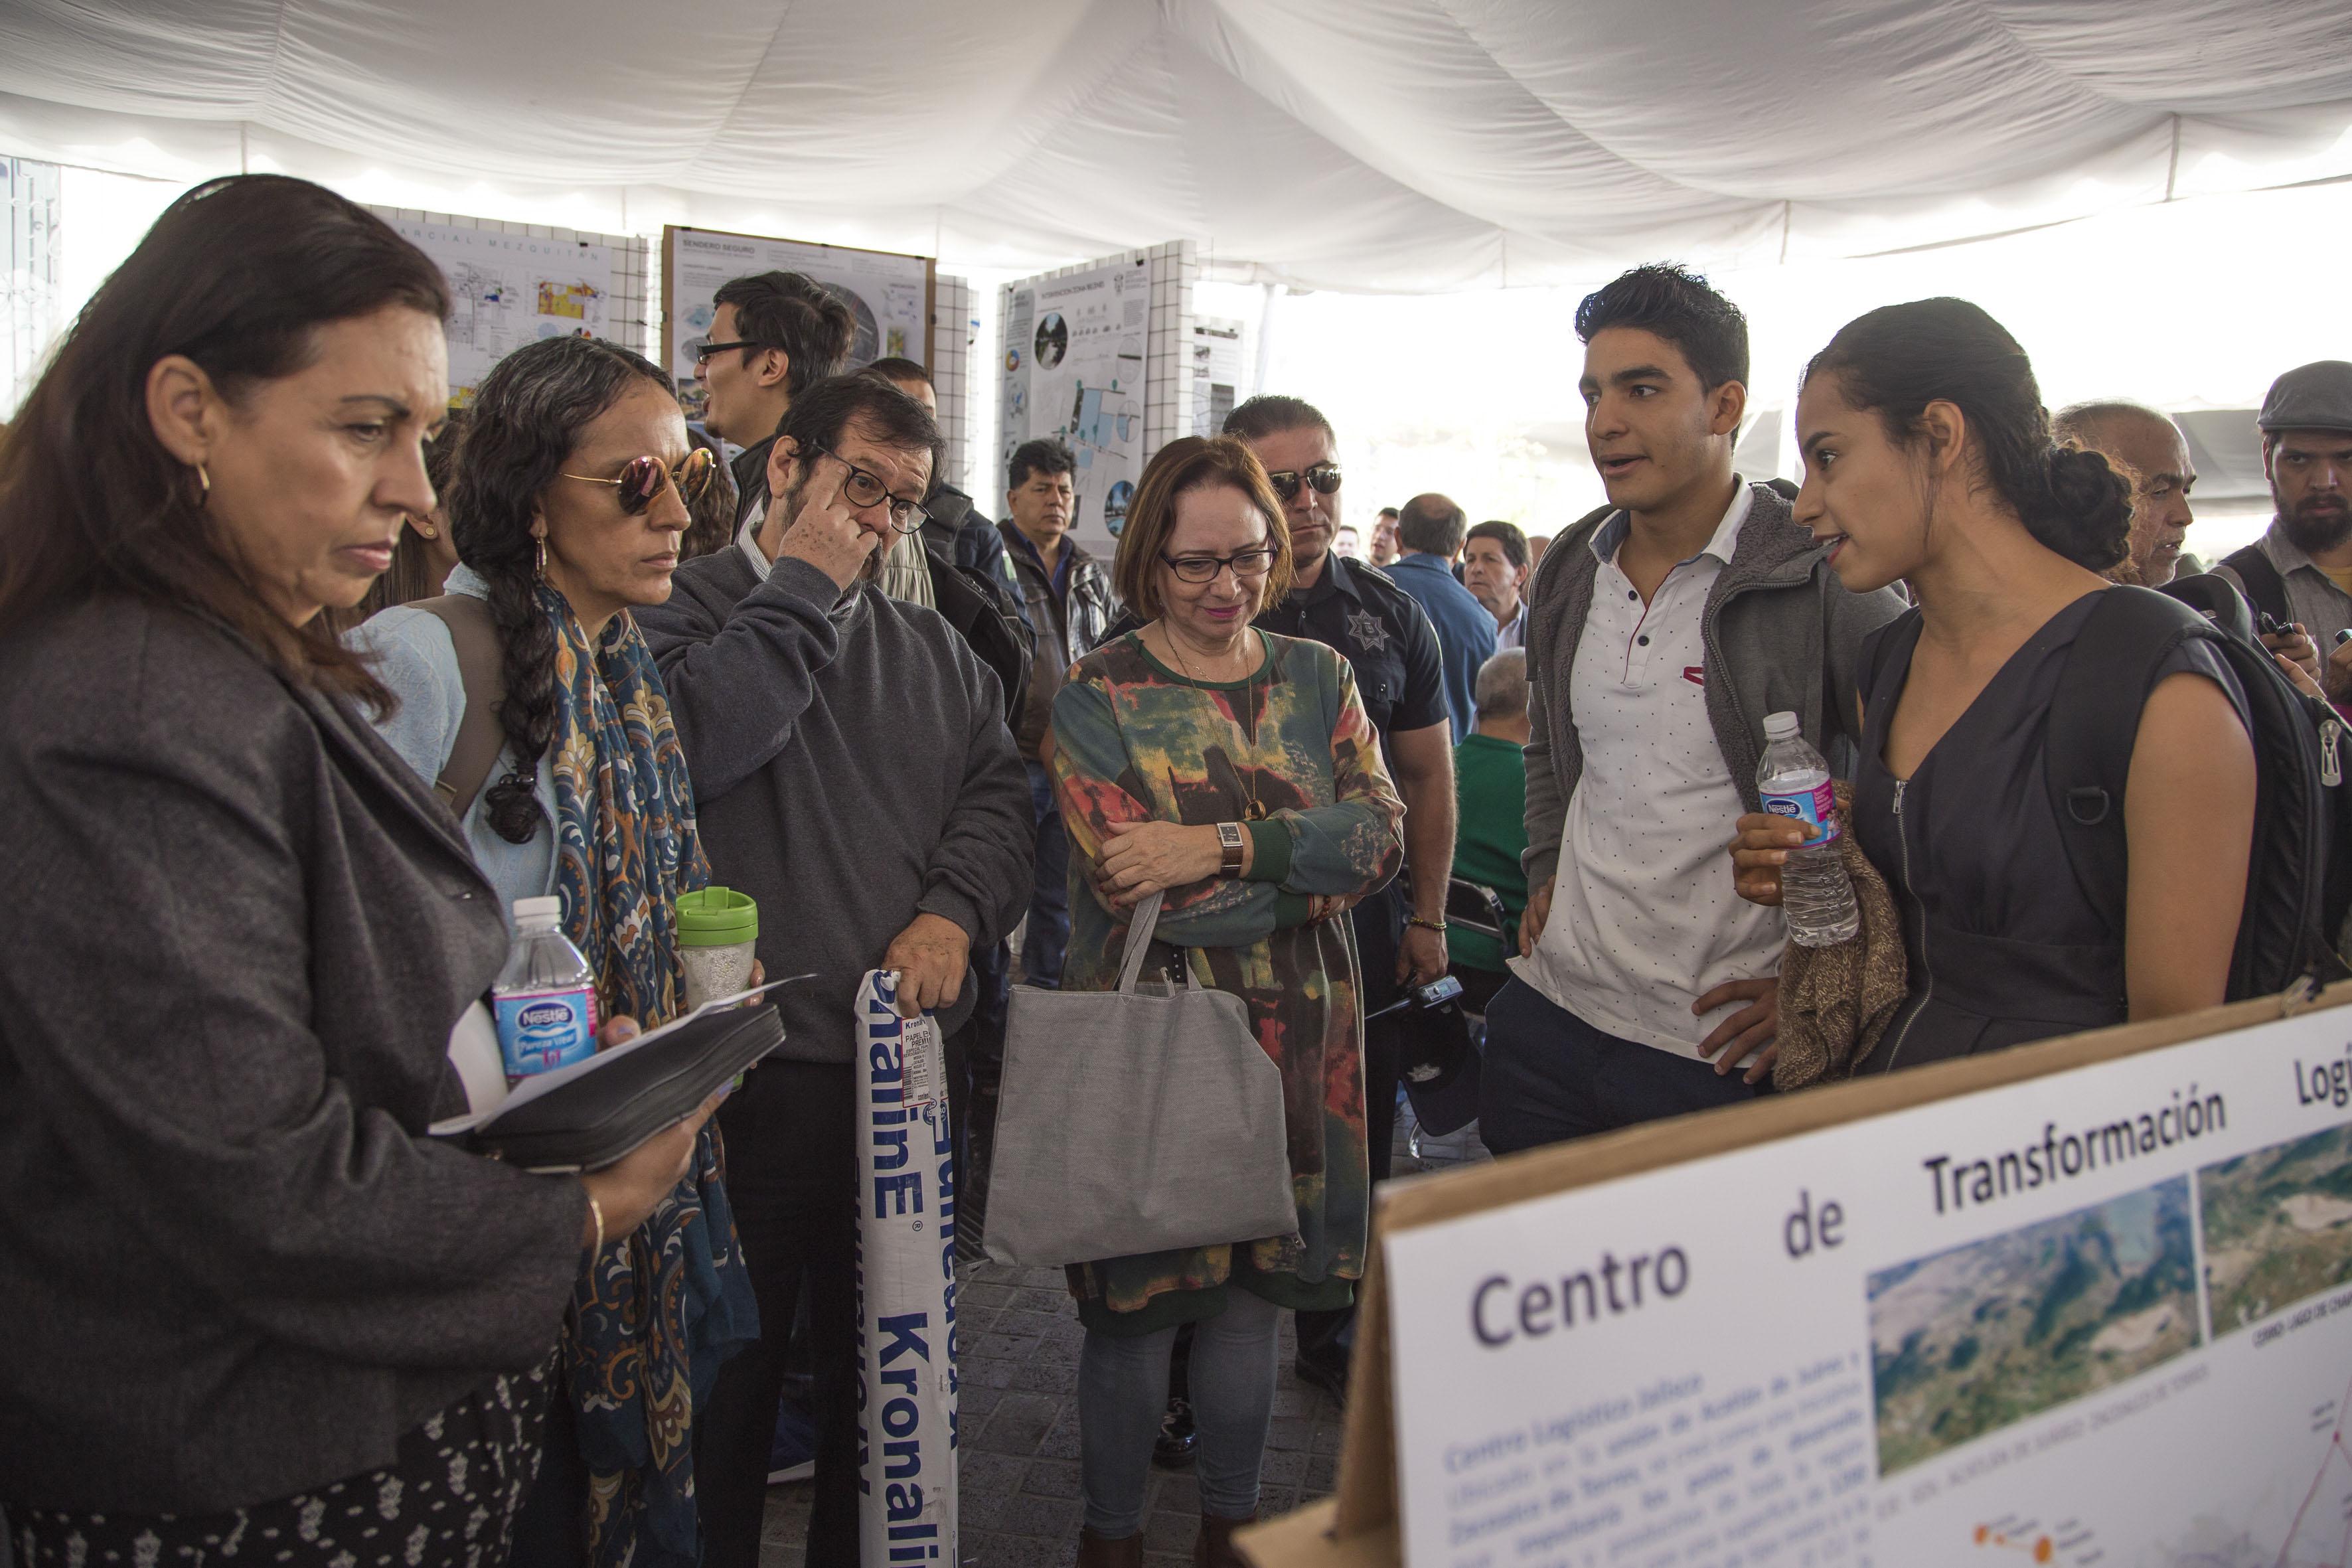 Publico asistente observando la expo